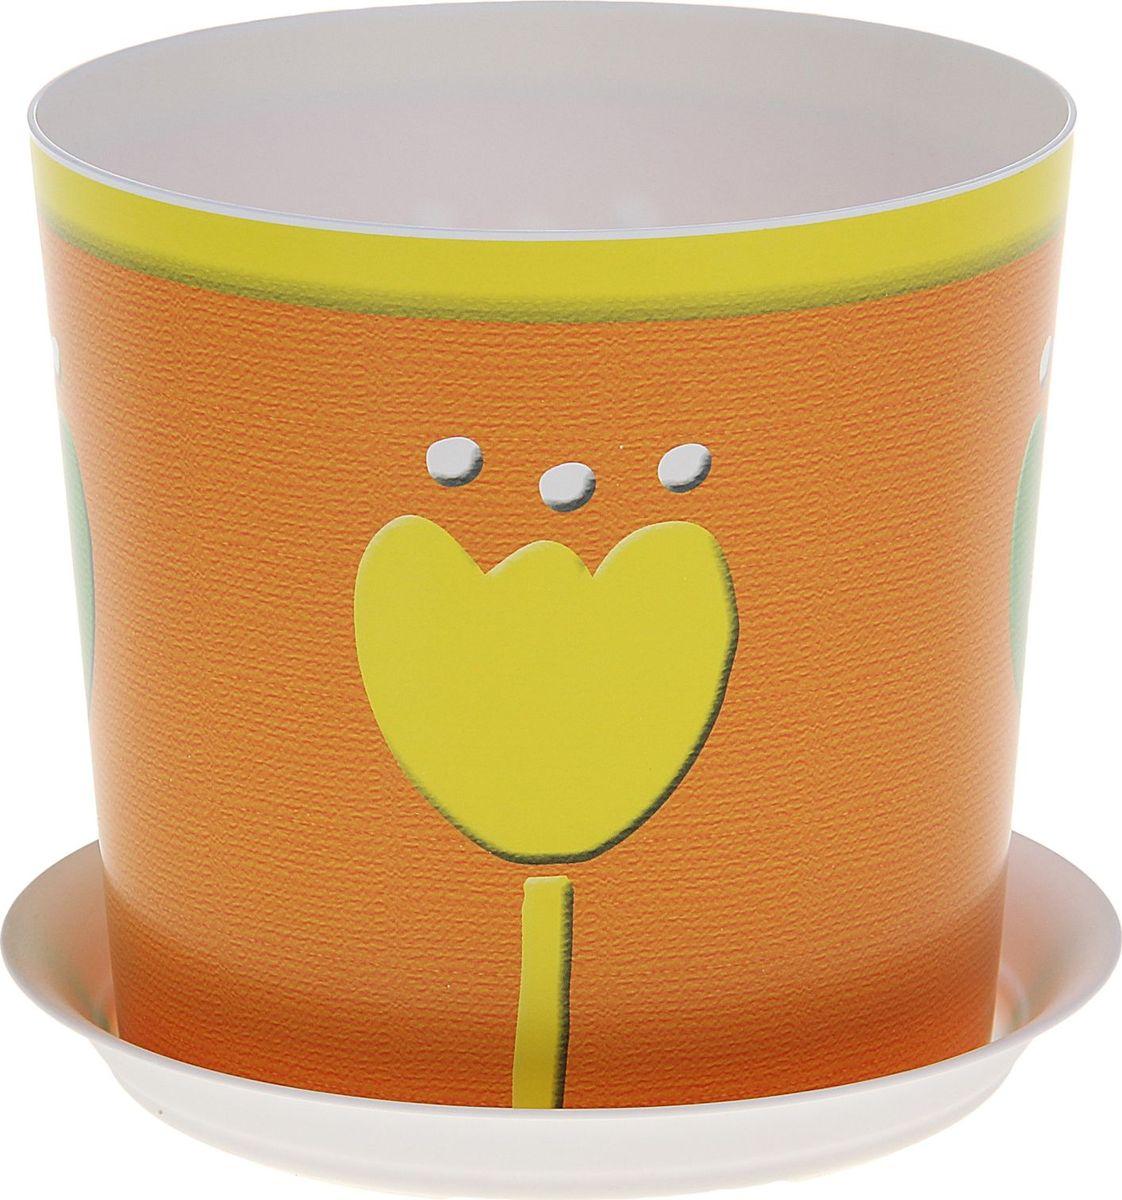 Кашпо Idea Деко. Тюльпан, с подставкой, 2,4 л531-105Любой, даже самый современный и продуманный интерьер будет не завершённым без растений. Они не только очищают воздух и насыщают его кислородом, но и заметно украшают окружающее пространство. Такому полезному члену семьи просто необходимо красивое и функциональное кашпо, оригинальный горшок или необычная ваза! Мы предлагаем - Кашпо 2,4 л Деко d=16 см, с подставкой, тюльпан! Оптимальный выбор материала пластмасса! Почему мы так считаем? Малый вес. С лёгкостью переносите горшки и кашпо с места на место, ставьте их на столики или полки, подвешивайте под потолок, не беспокоясь о нагрузке. Простота ухода. Пластиковые изделия не нуждаются в специальных условиях хранения. Их легко чистить достаточно просто сполоснуть тёплой водой. Никаких царапин. Пластиковые кашпо не царапают и не загрязняют поверхности, на которых стоят. Пластик дольше хранит влагу, а значит растение реже нуждается в поливе. Пластмасса не пропускает воздух корневой системе растения не грозят резкие перепады температур. Огромный выбор форм, декора и расцветок вы без труда подберёте что-то, что идеально впишется в уже существующий интерьер. Соблюдая нехитрые правила ухода, вы можете заметно продлить срок службы горшков, вазонов и кашпо из пластика: всегда учитывайте размер кроны и корневой системы растения (при разрастании большое растение способно повредить маленький горшок)берегите изделие от воздействия прямых солнечных лучей, чтобы кашпо и горшки не выцветалидержите кашпо и горшки из пластика подальше от нагревающихся поверхностей. Создавайте прекрасные цветочные композиции, выращивайте рассаду или необычные растения, а низкие цены позволят вам не ограничивать себя в выборе.